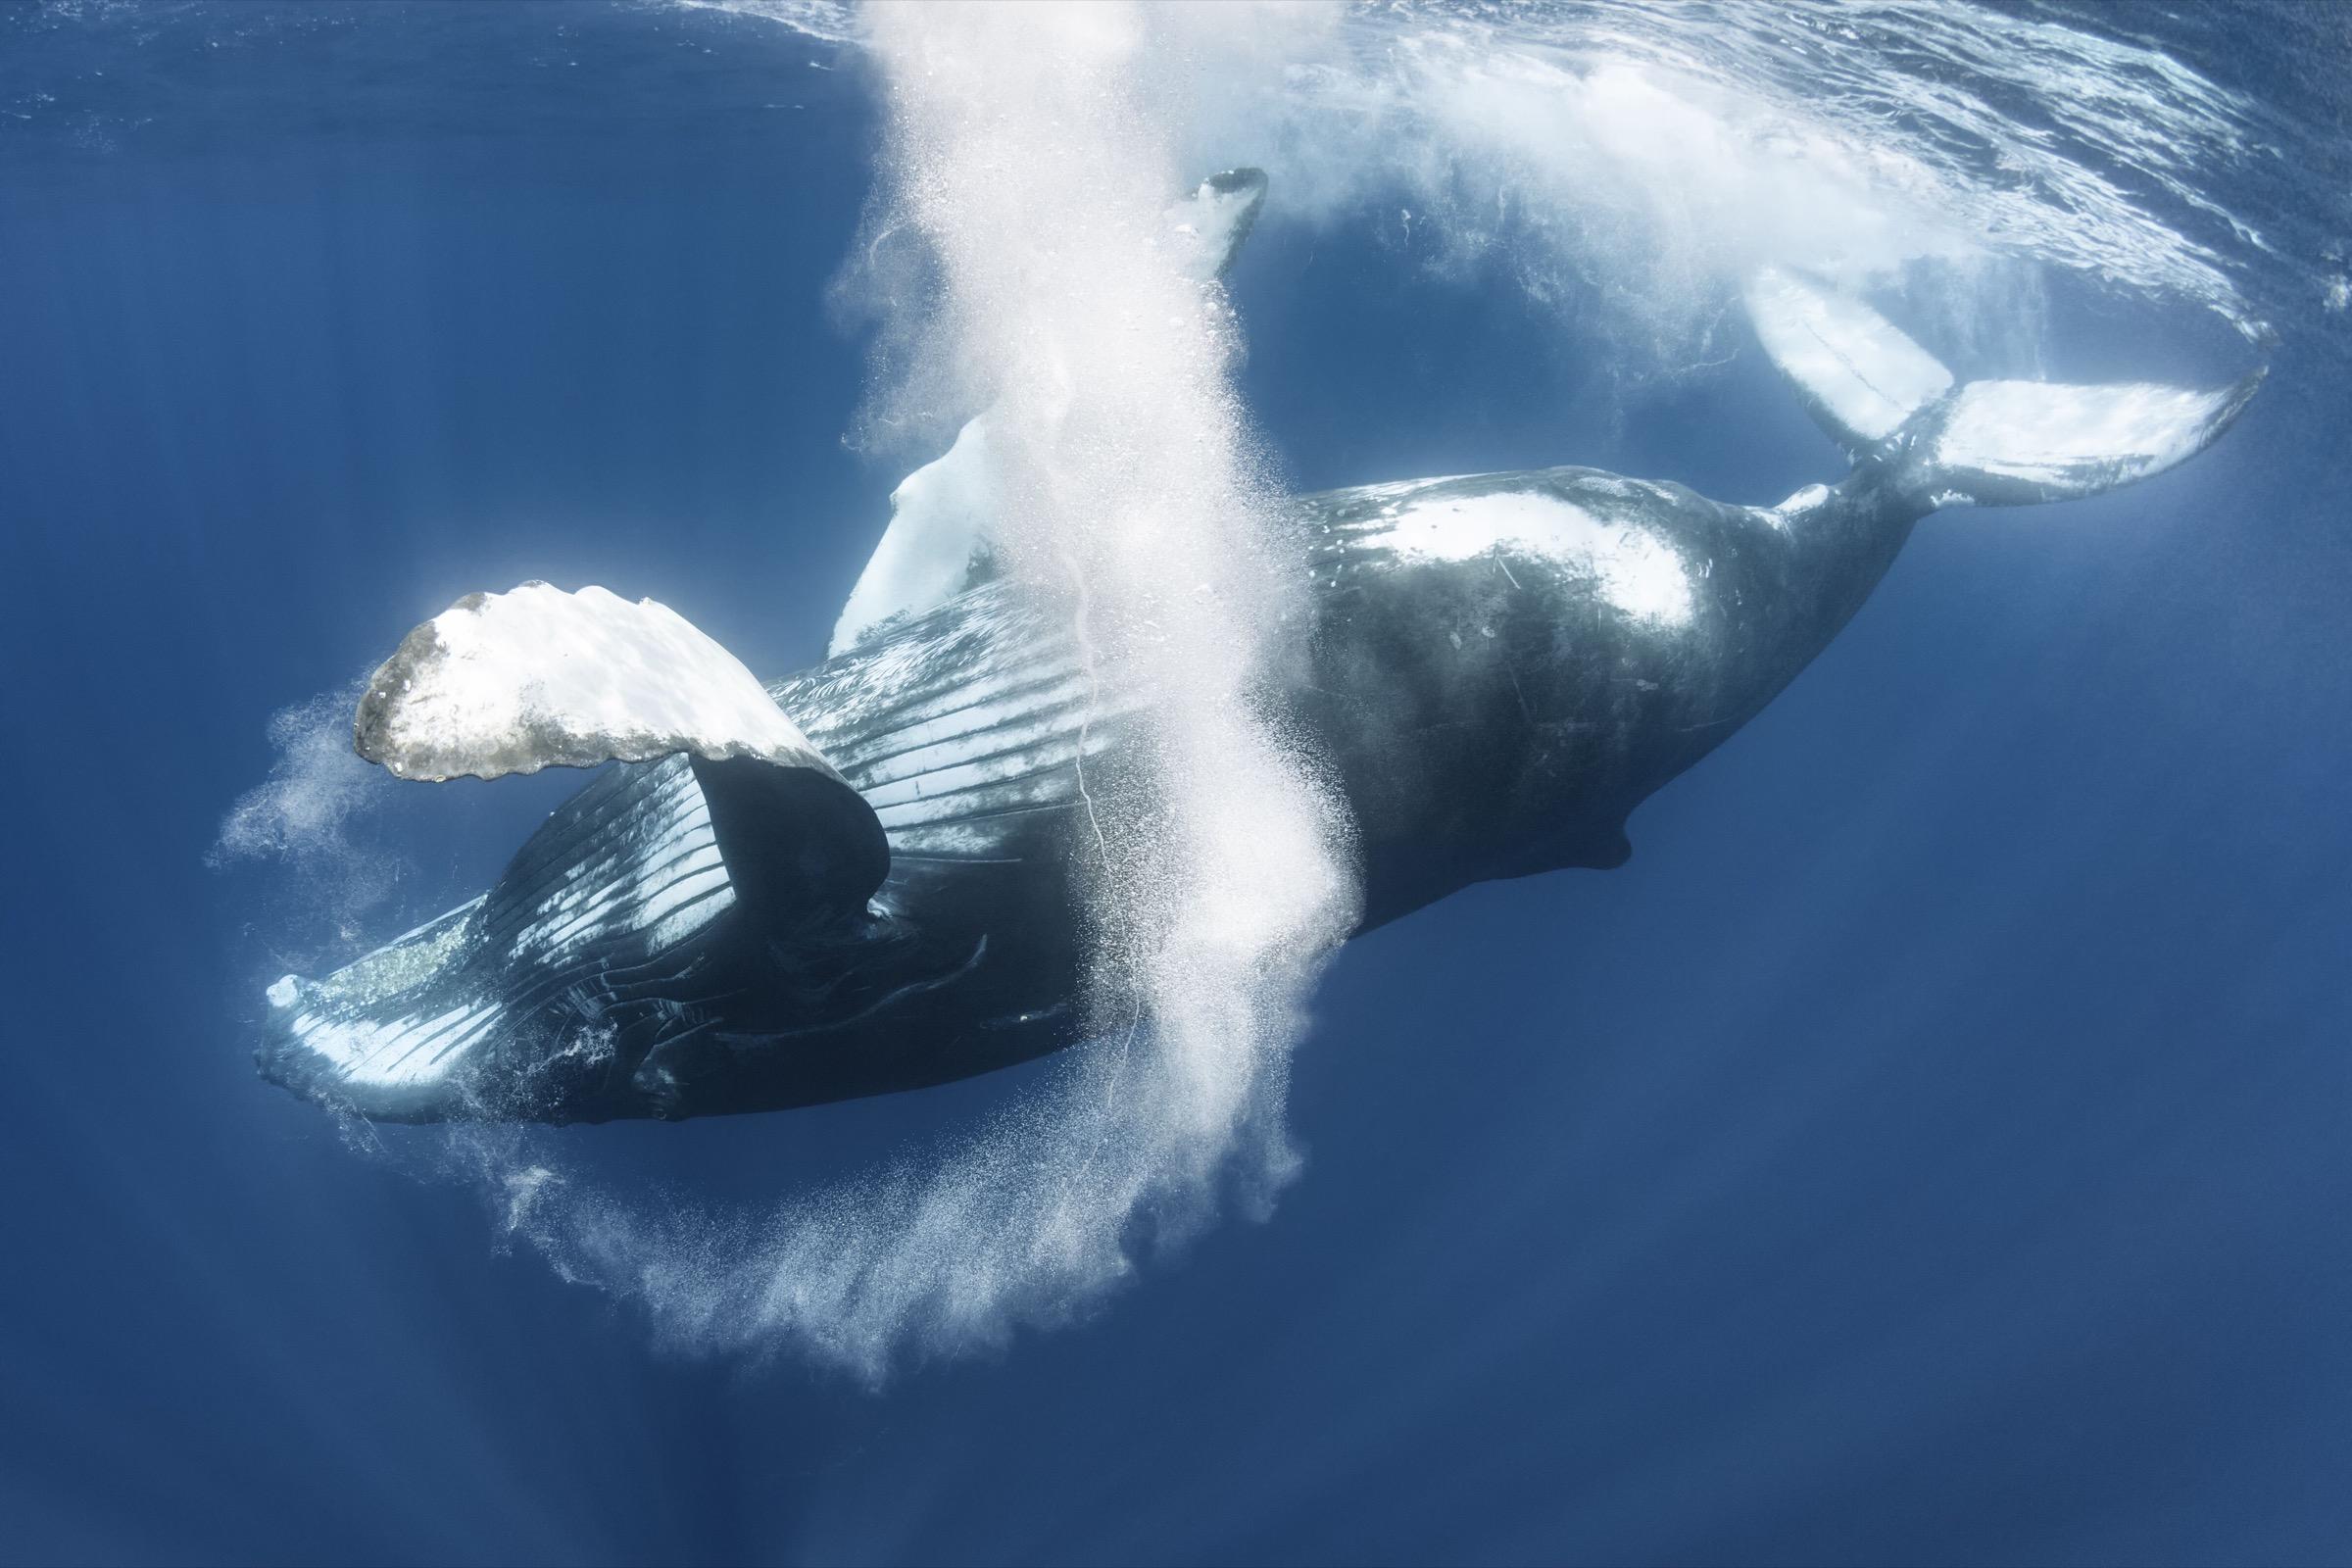 humpback whale (Megaptera novaeangliae) observed off the coast of Sri Lanka